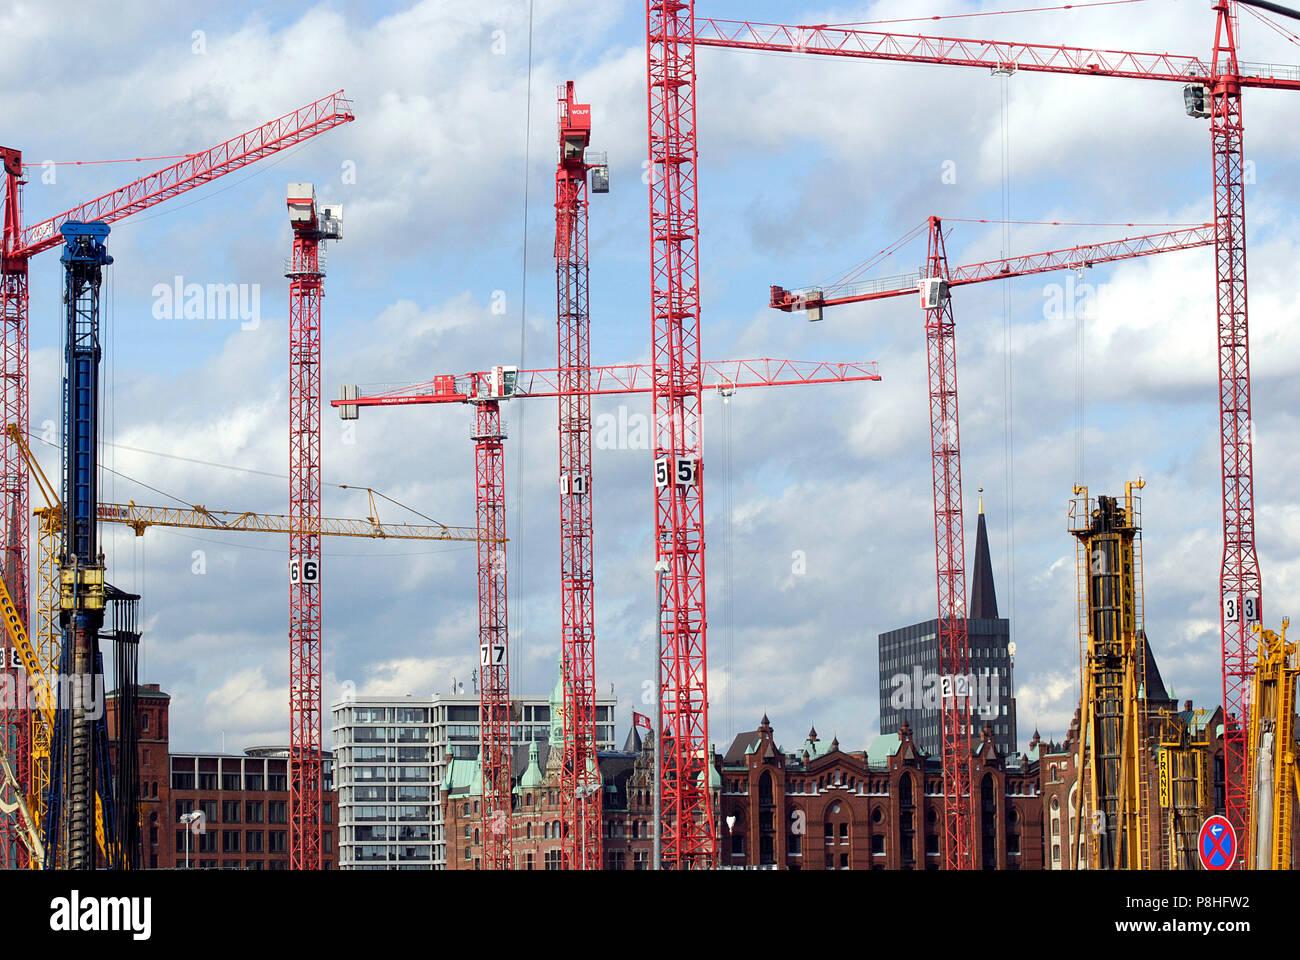 HafenCity ist der Name eines im Bau befindlichen Stadtviertels in Hamburg am Nordrand des Hamburger Hafens. - Stock Image